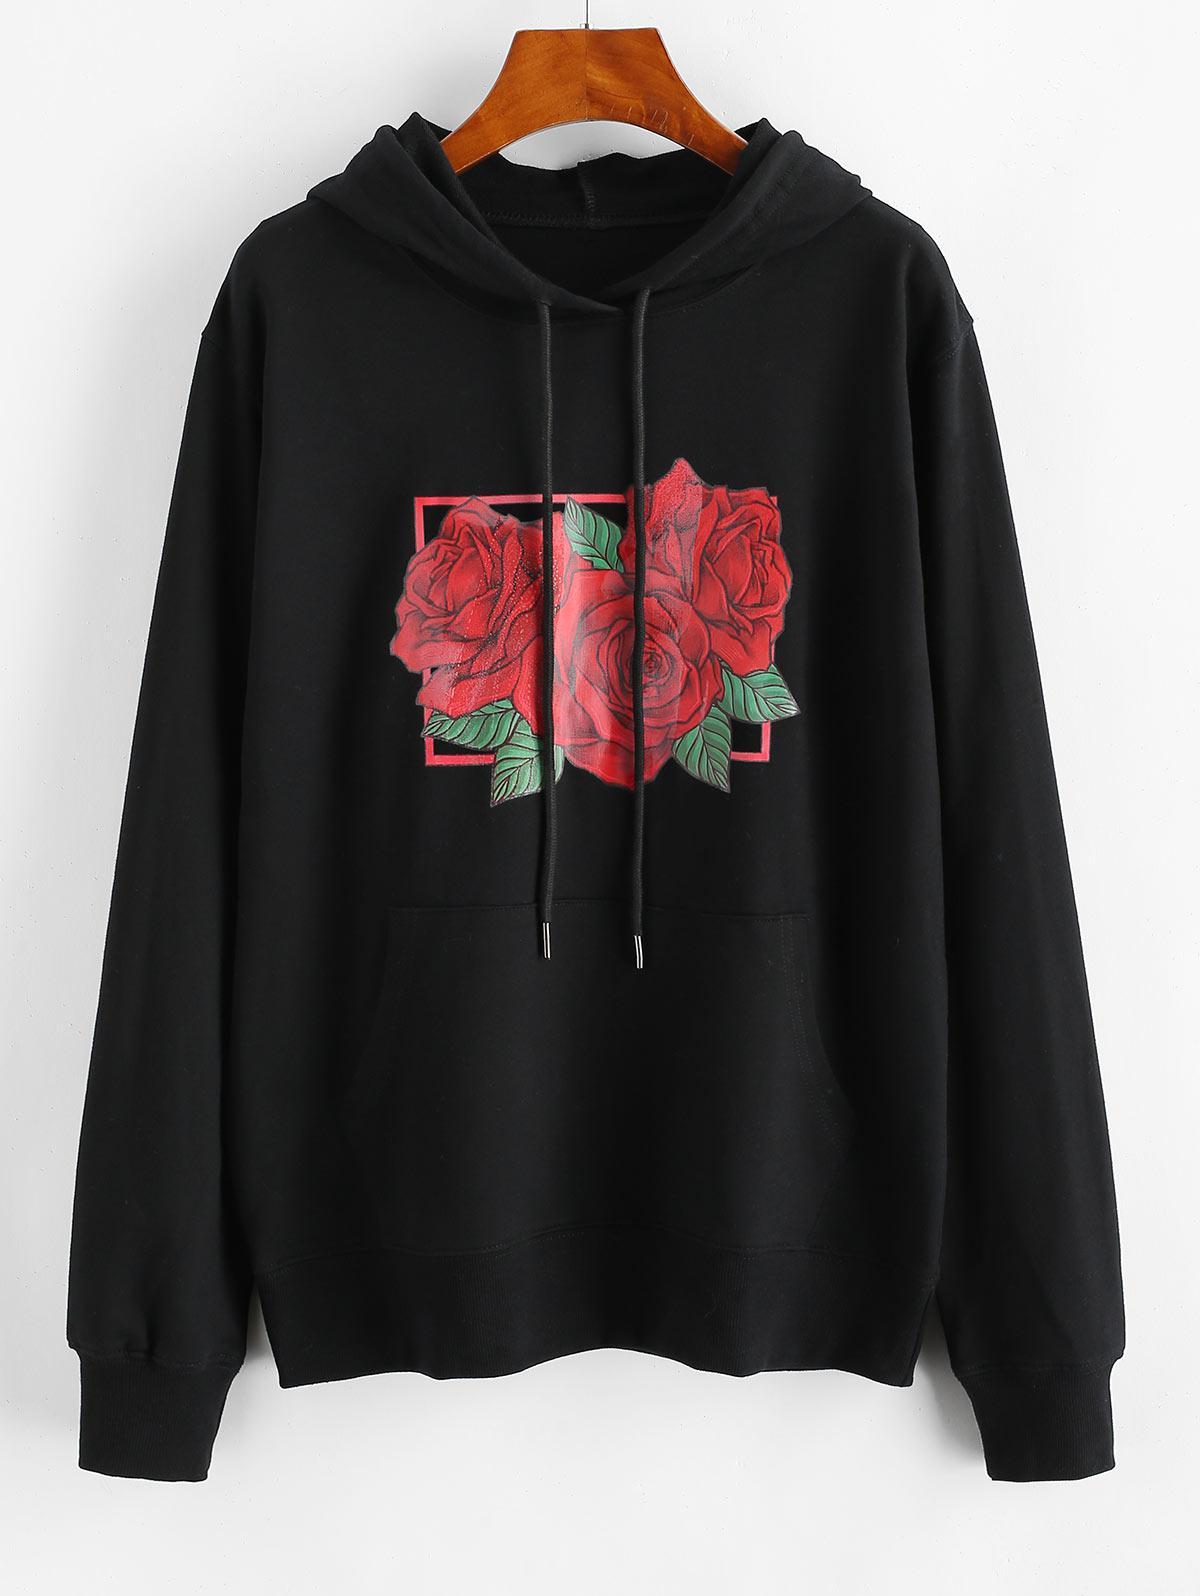 Drawstring Red Rose Kangaroo Pocket Hoodie